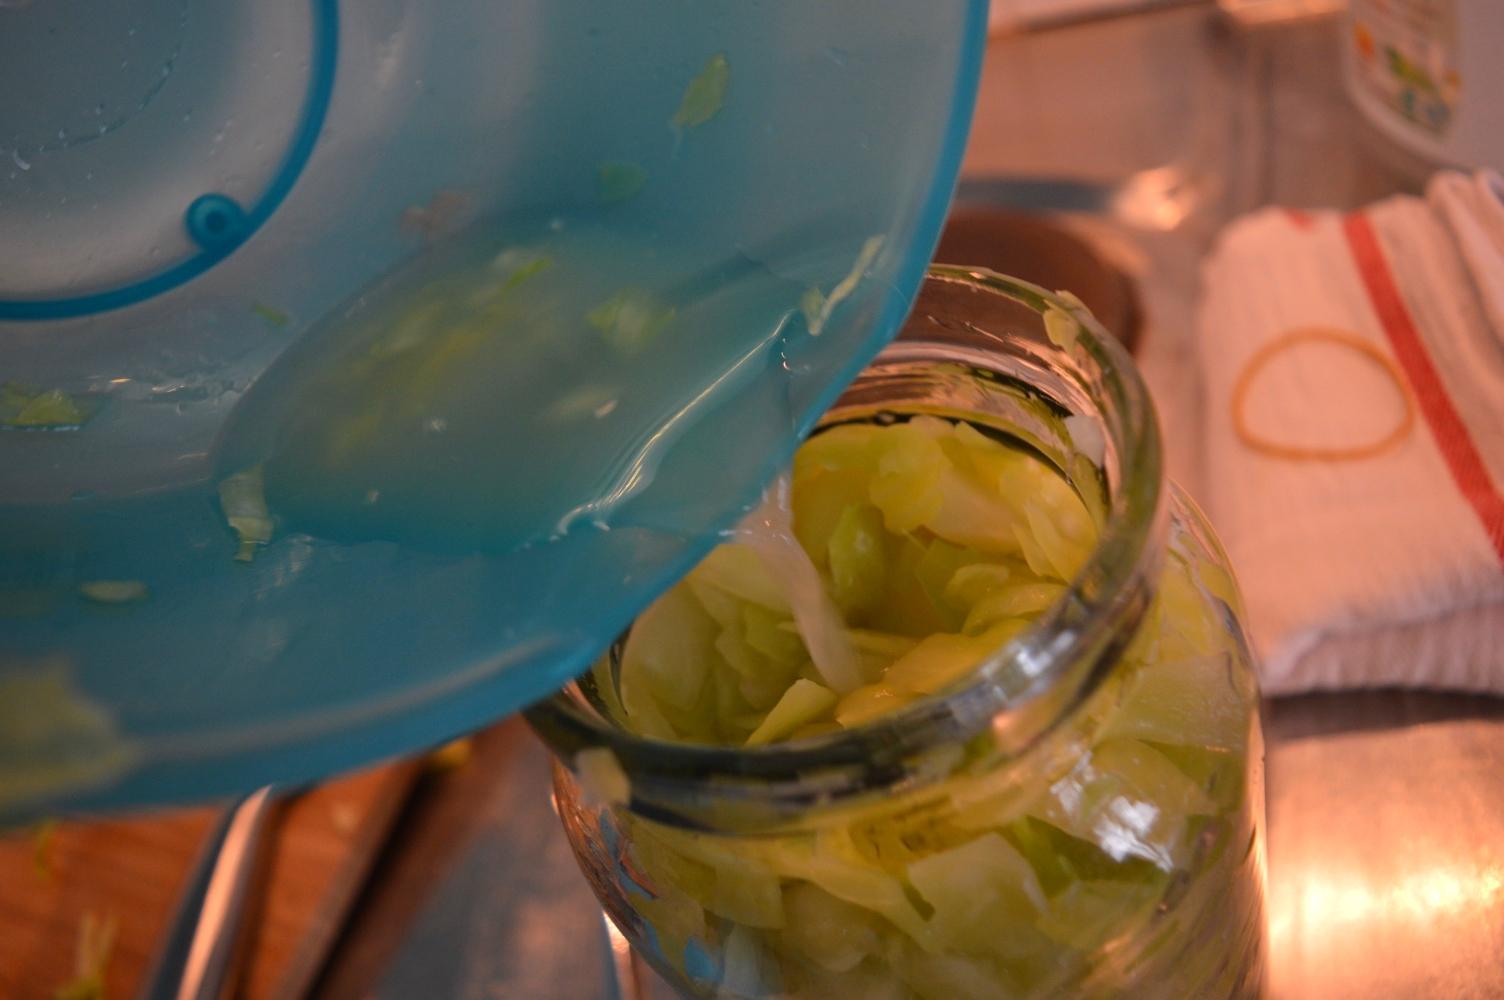 Vätskan kålen ger ifrån sig under massagen är viktig! Spill inte när du häller över den i burken :)